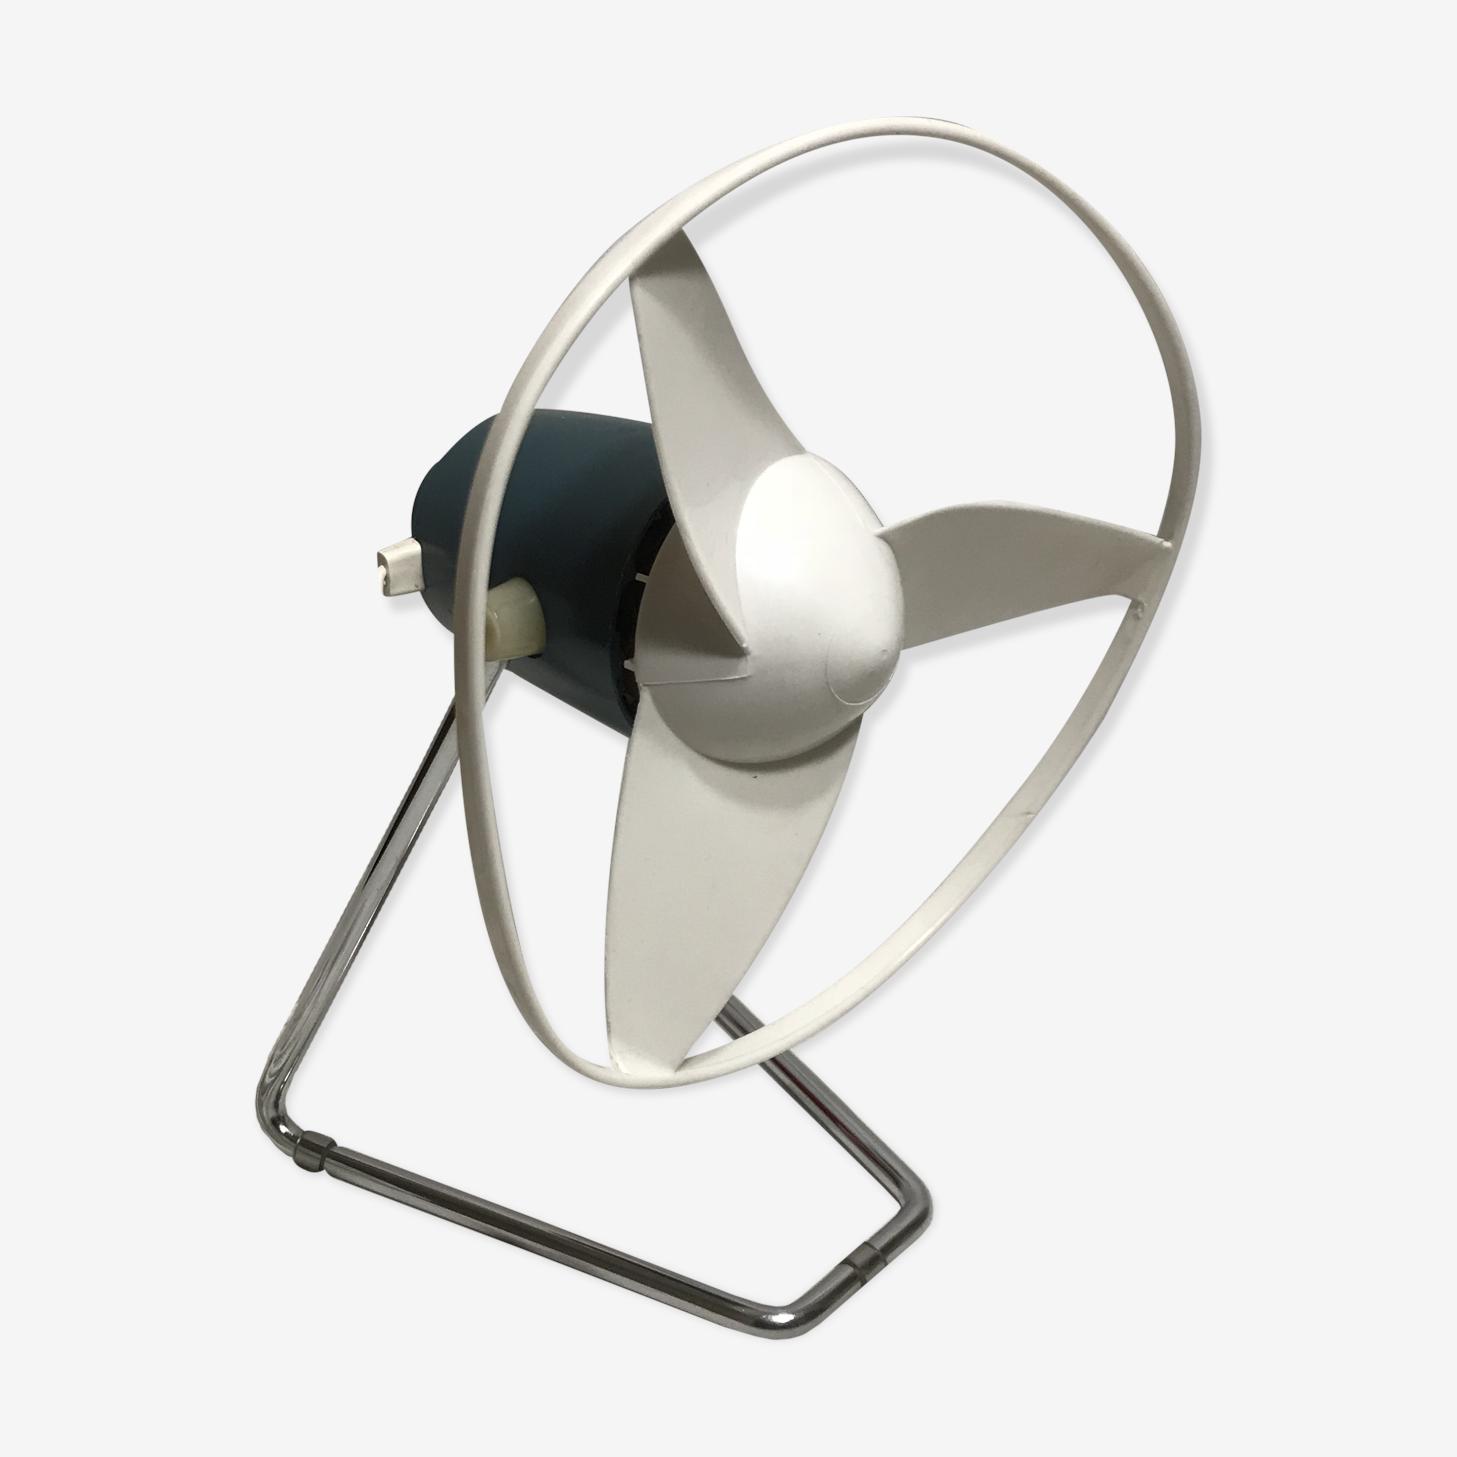 Ancien ventilateur orientable calor 951 pied métal années 70 fonctionnel vintage